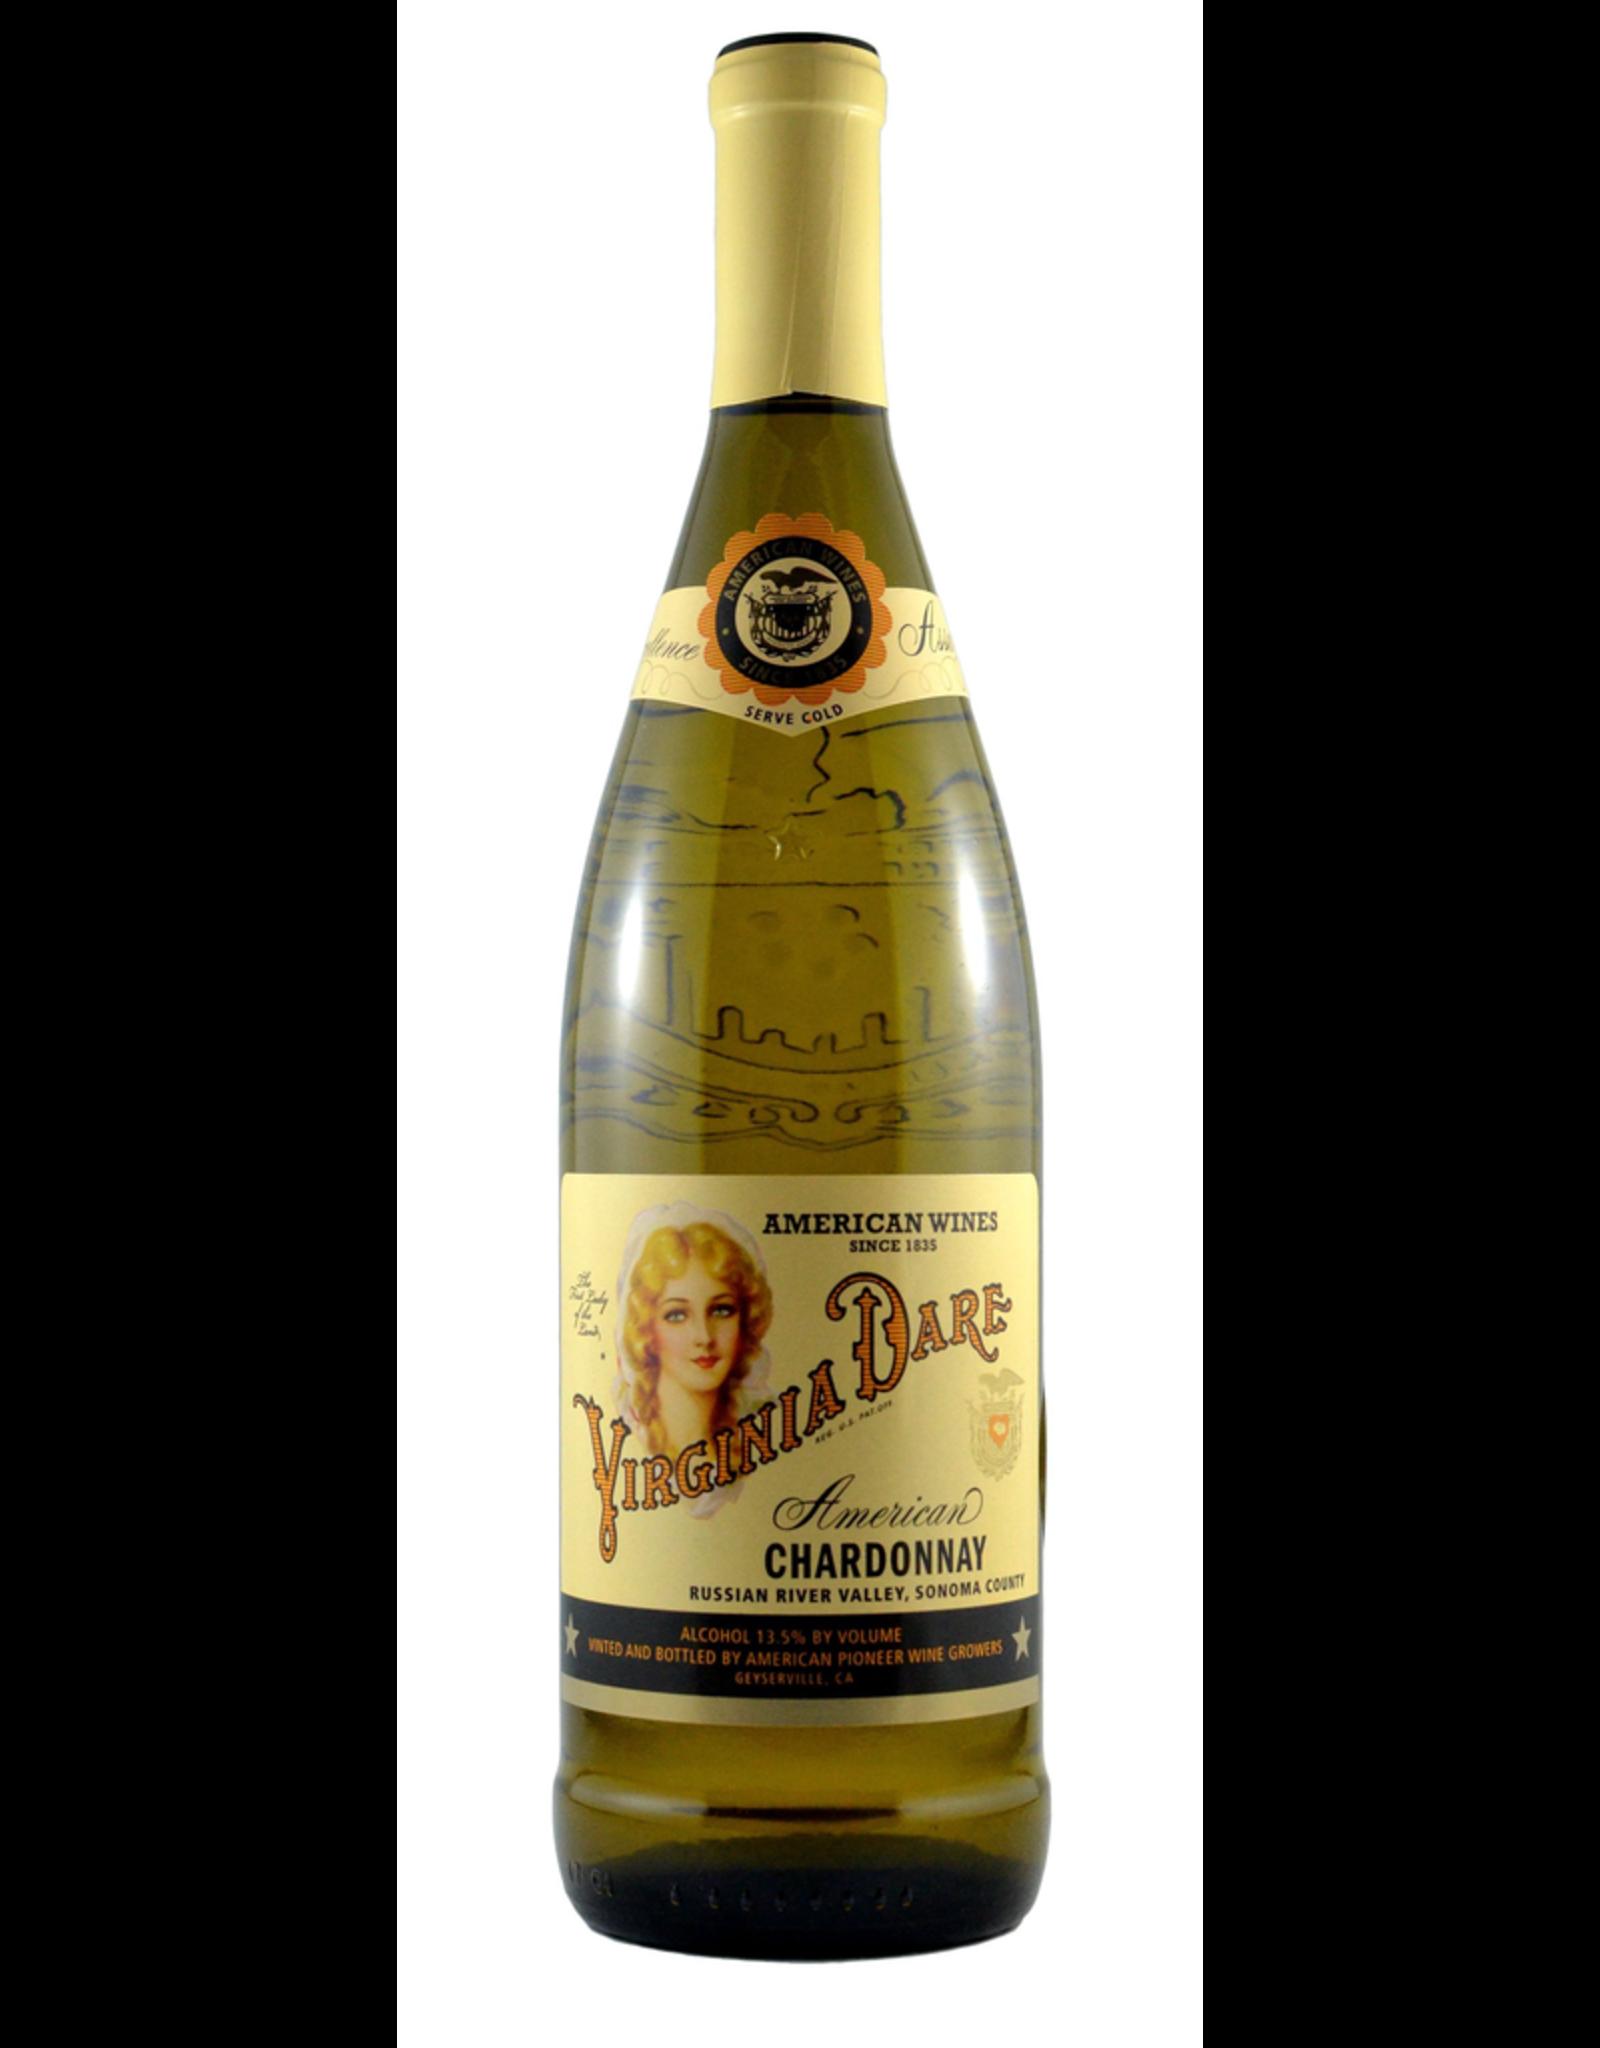 White Wine 2015, Virginia Dare by Coppola, Chardonnay, Russian River Valley, Sonoma County, California, 13.5% Alc, CTnr, TW90